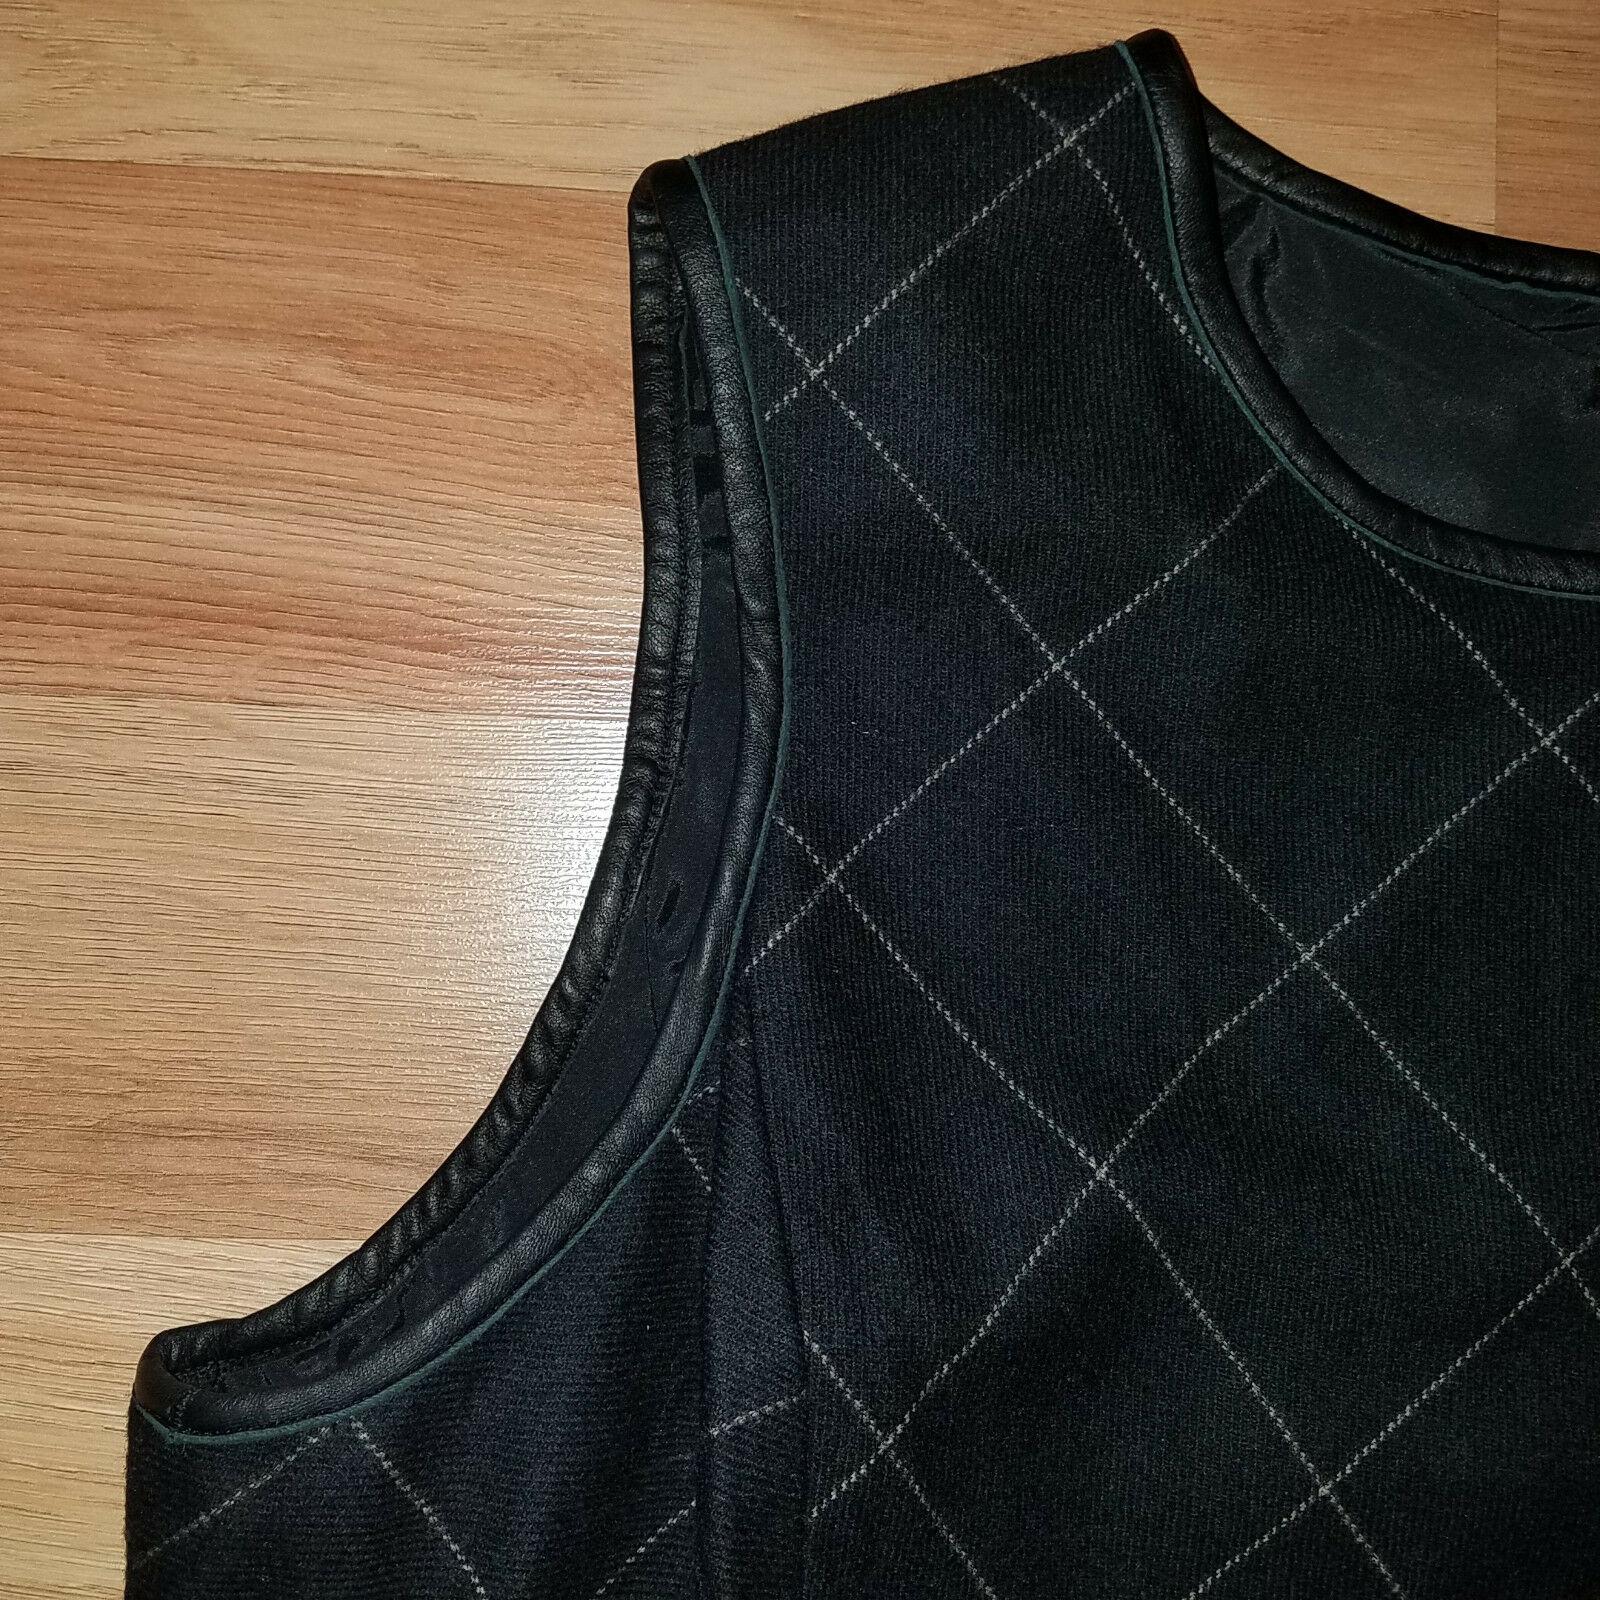 new RALPH LAUREN women sweater vest black 16W - MSRP $185 image 6